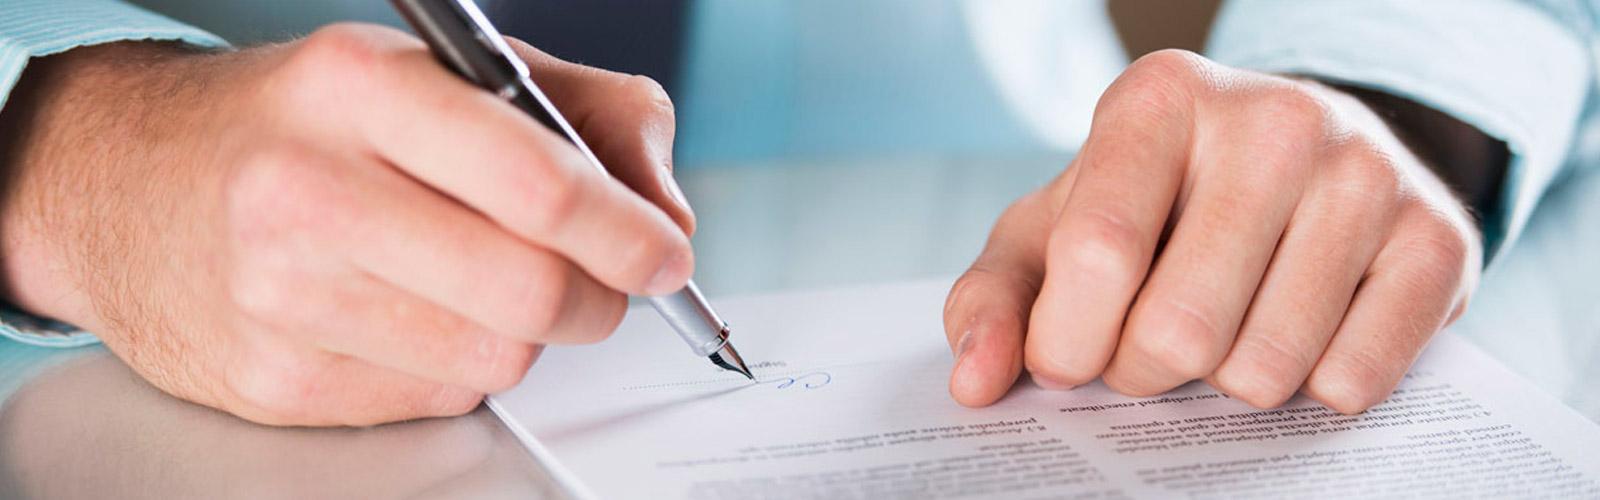 Asesoría legal en contratos inmobiliarios